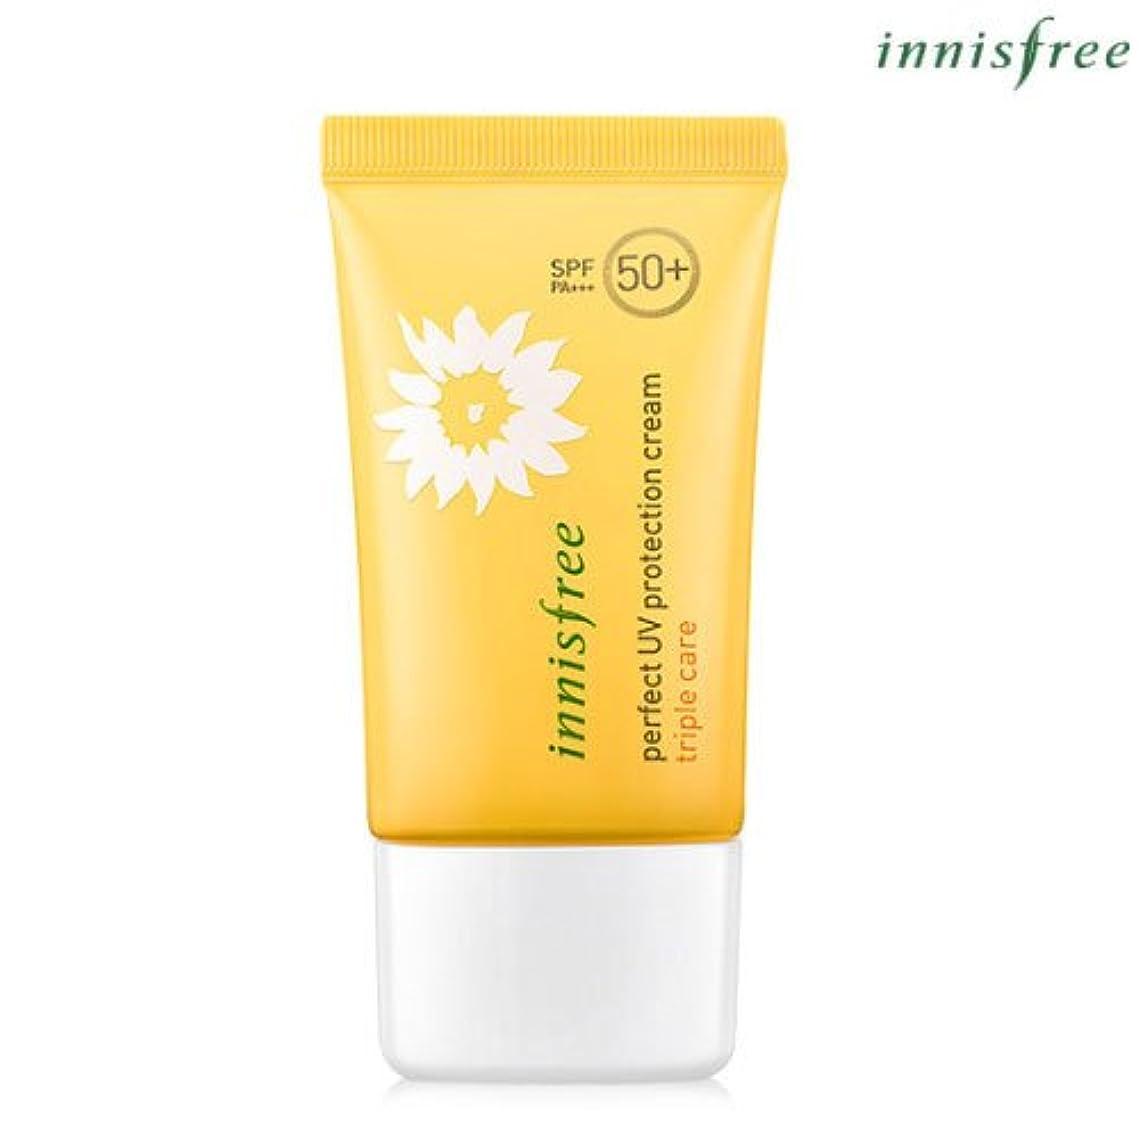 まともな部分的に錆び[INNISFREE]イニスフリーパーフェクトUV プロテクション クリームトリプルケアSPF50+ PA+++ 50mL perfect UV protection cream triple care SPF50+ PA...